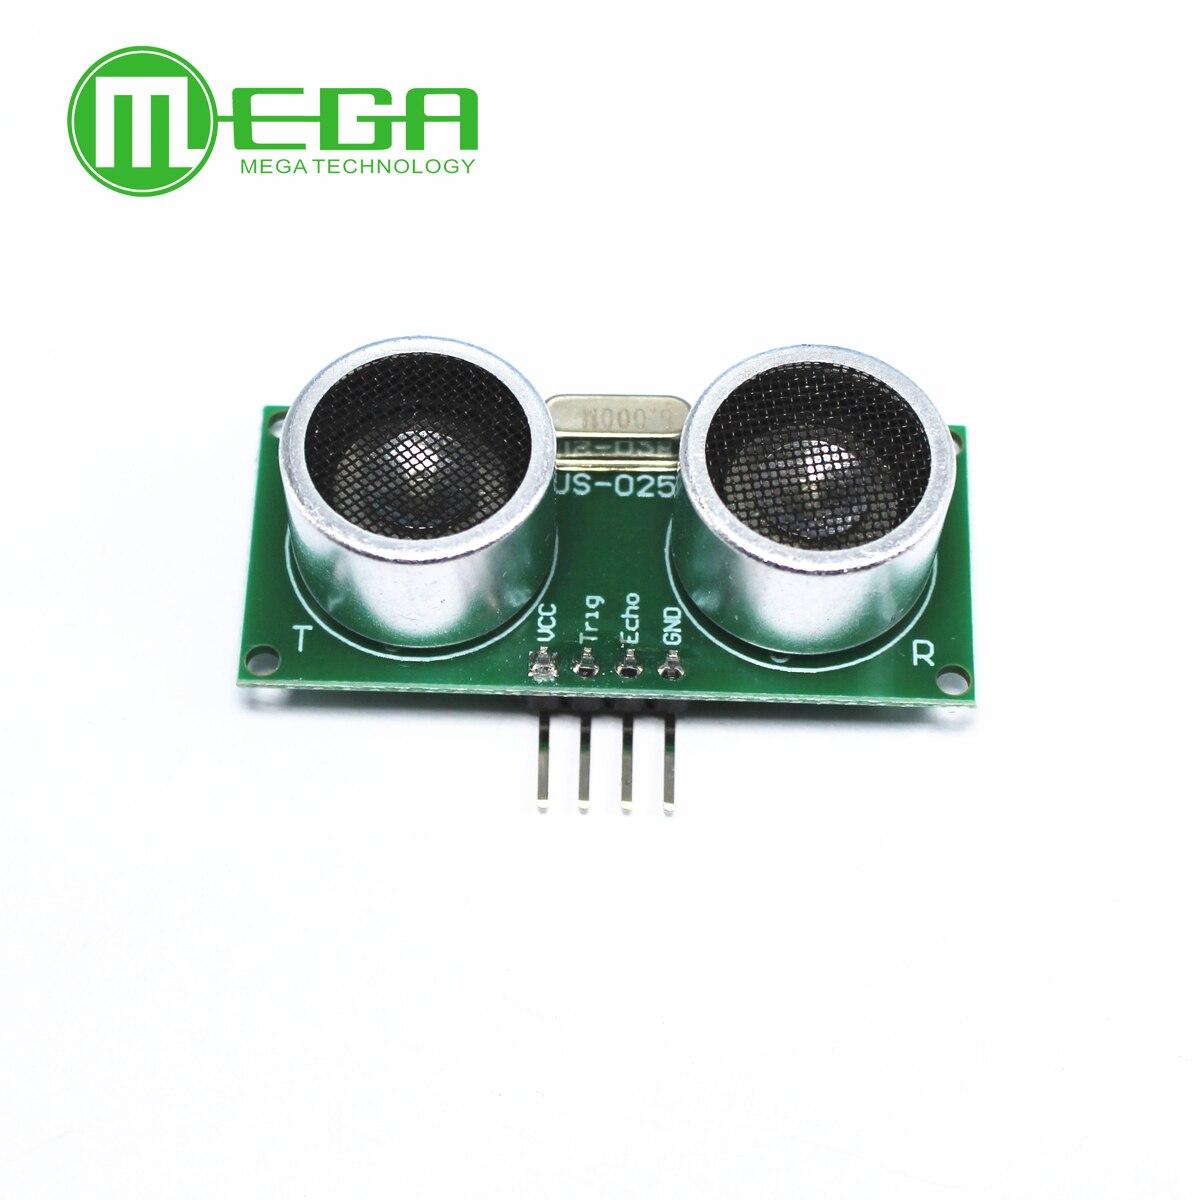 UNS-025 UNS-026 ultraschall bis hin sensor modul ersetzt hc-sr04 industrie grade 3V ~ 5,5 v